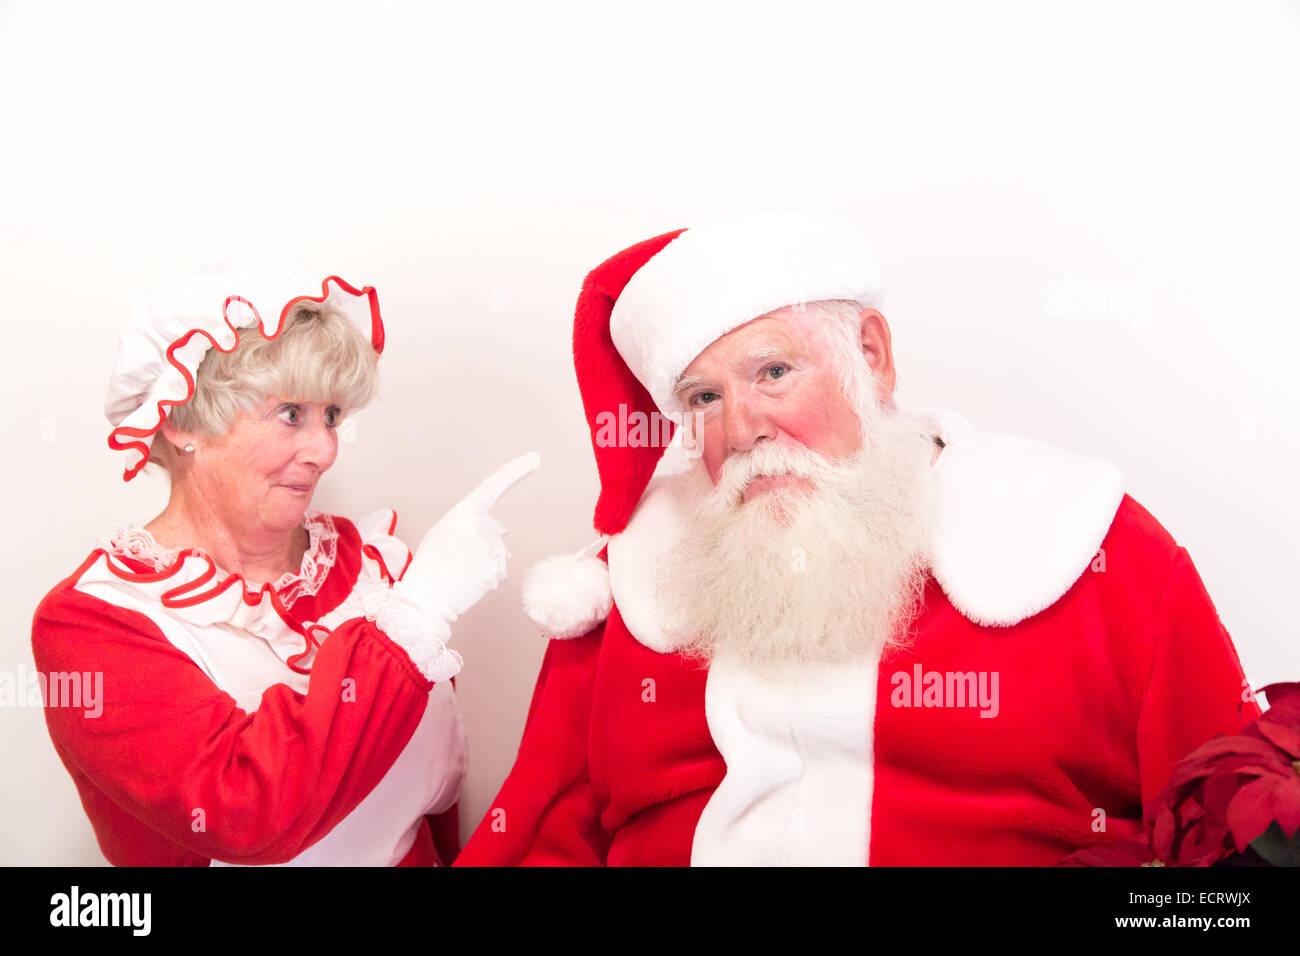 Un triste e scontroso Santa essendo rimproverato dalla onorevole Claus. Immagini Stock